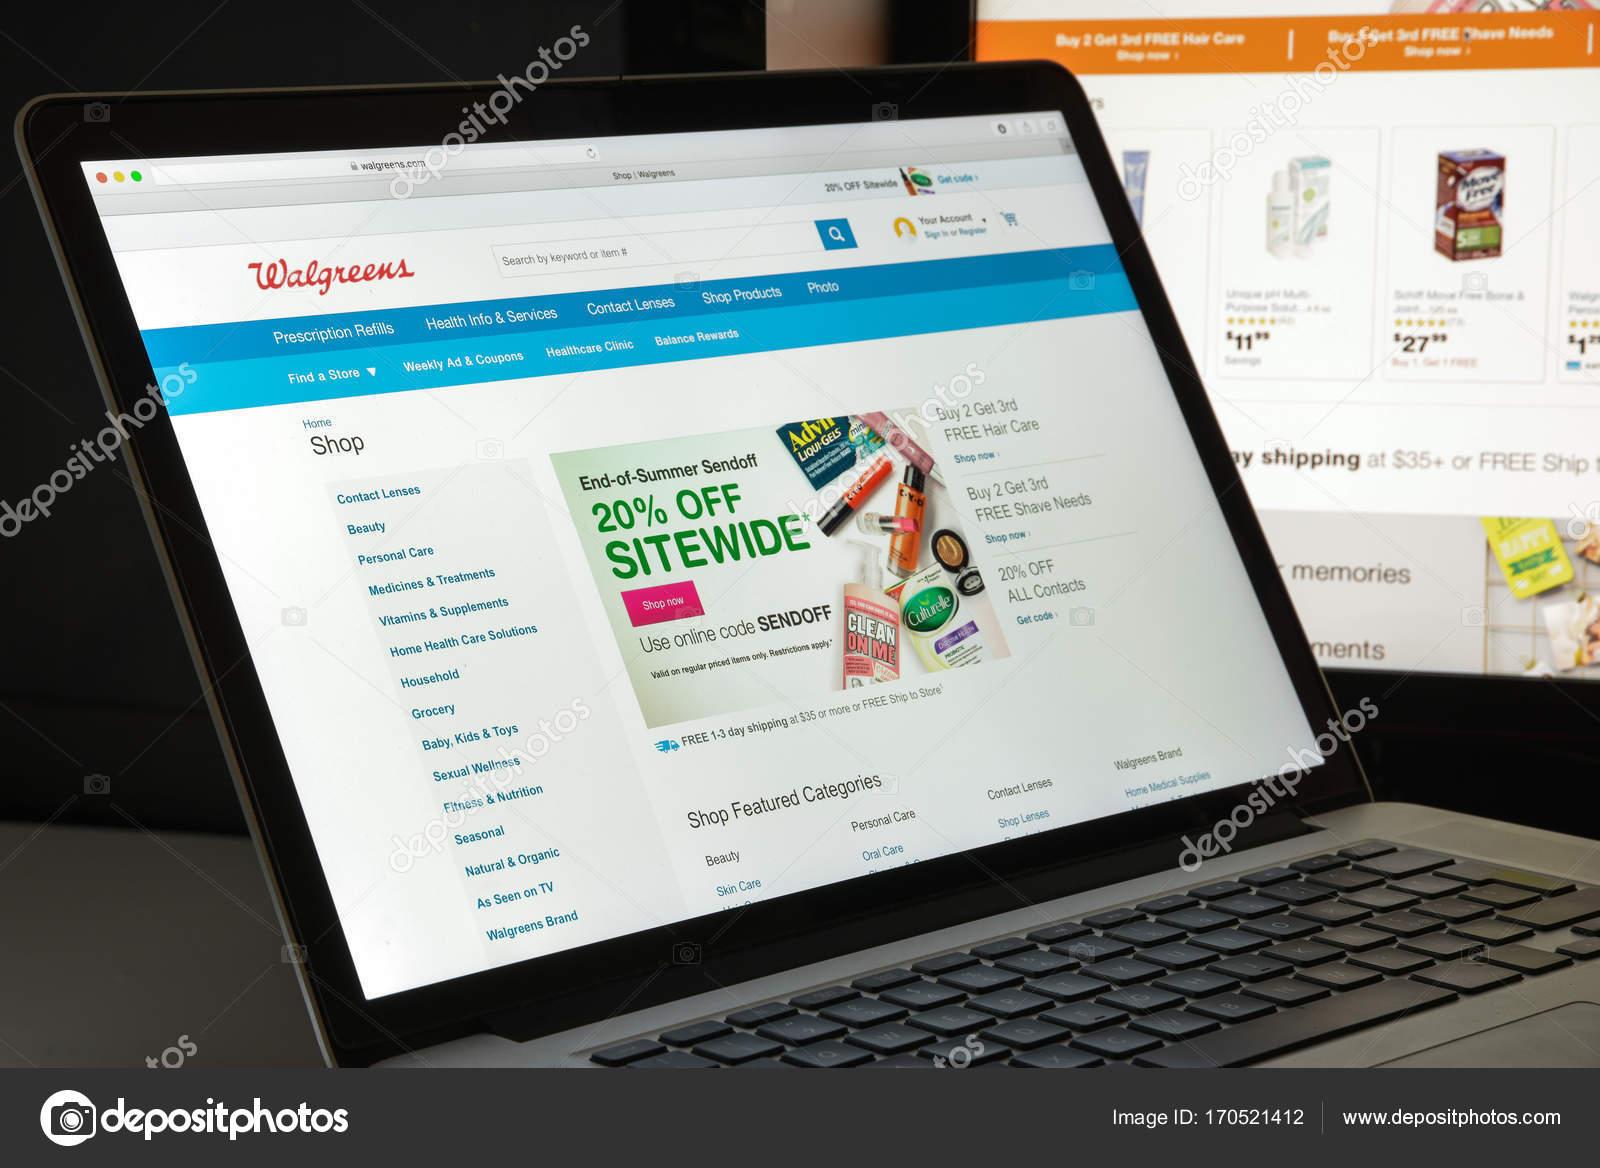 Milan, Italy - August 10, 2017: Walgreens website homepage